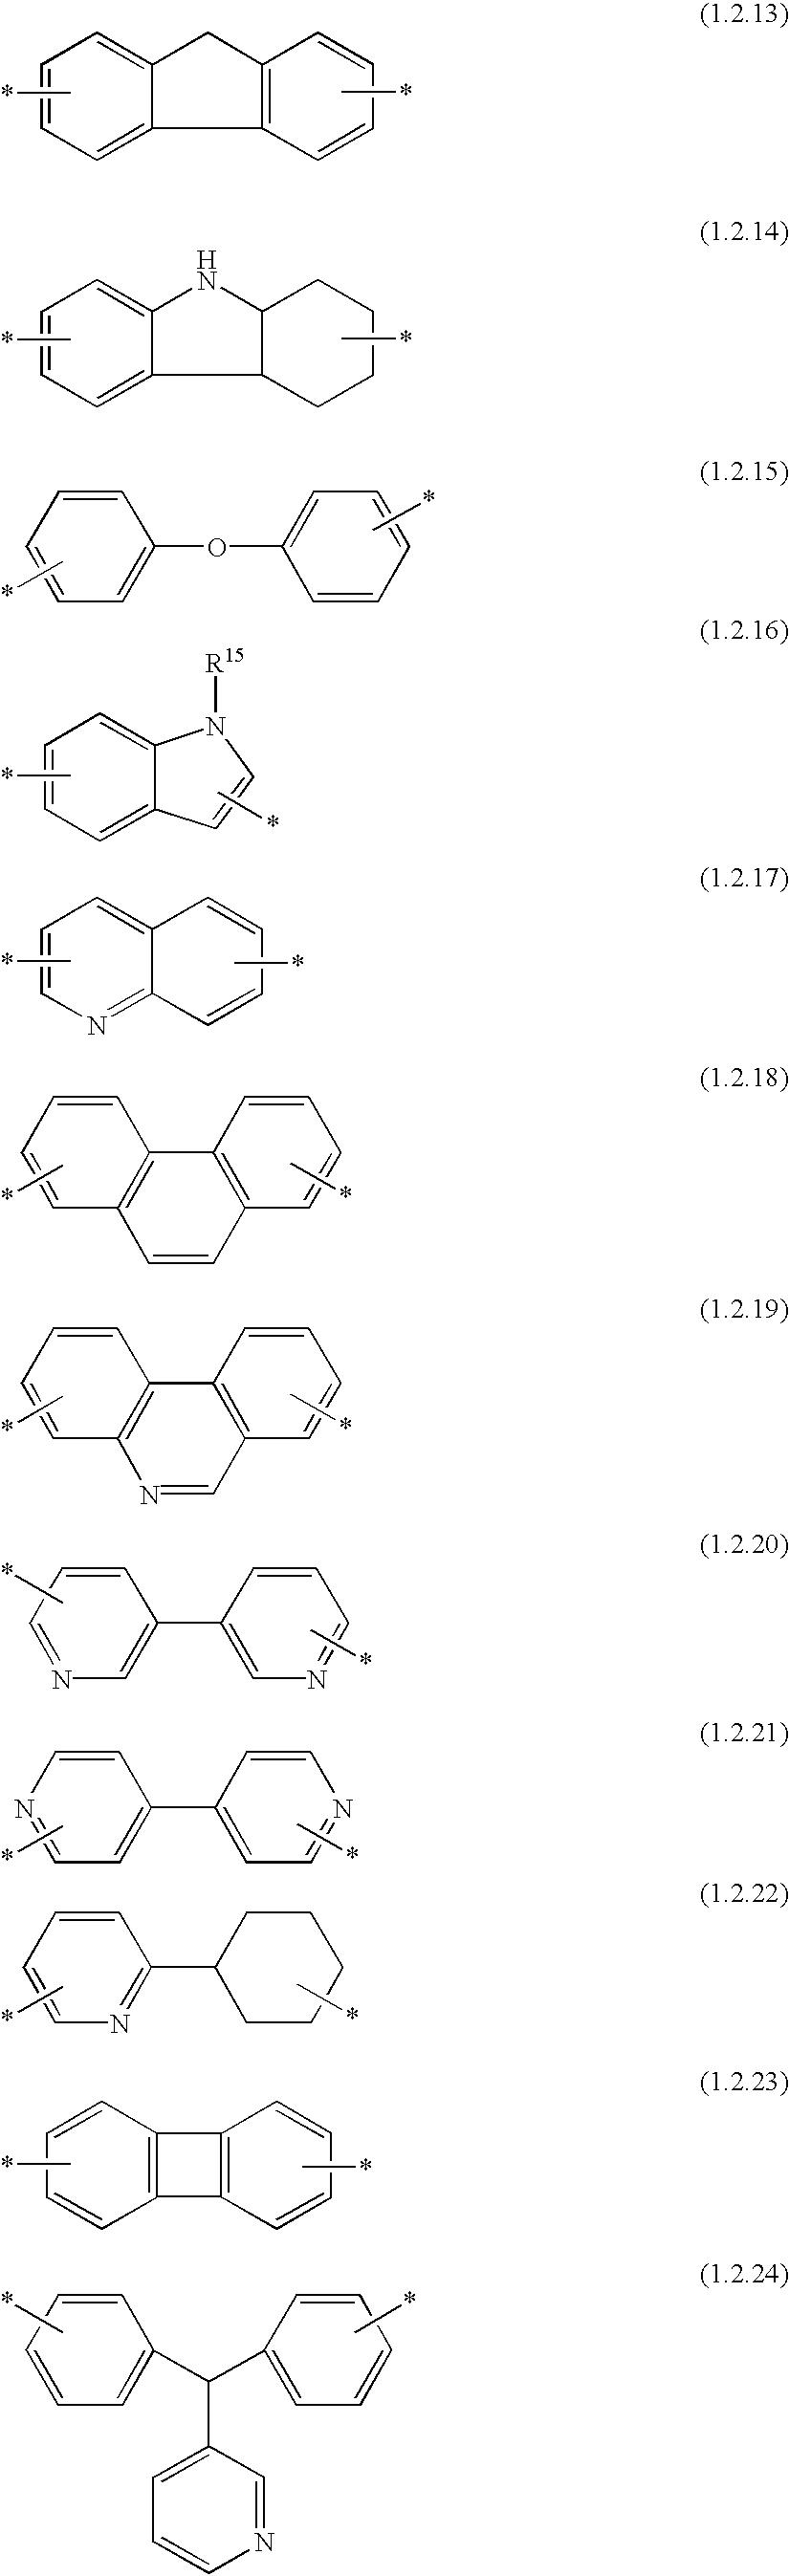 Figure US20030186974A1-20031002-C00074